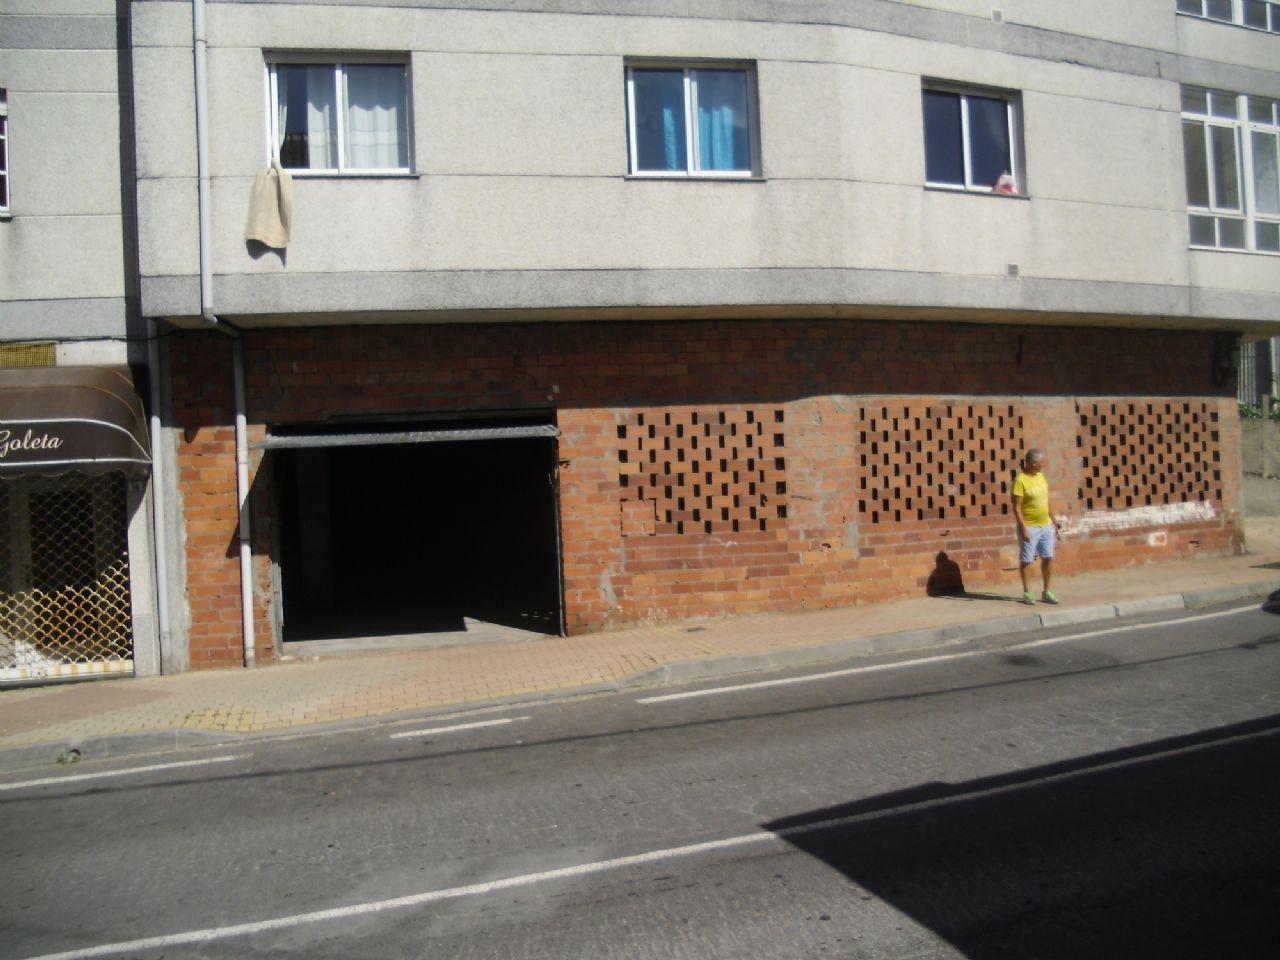 Local comercial en Finisterre, al lado dde don percebe, venta